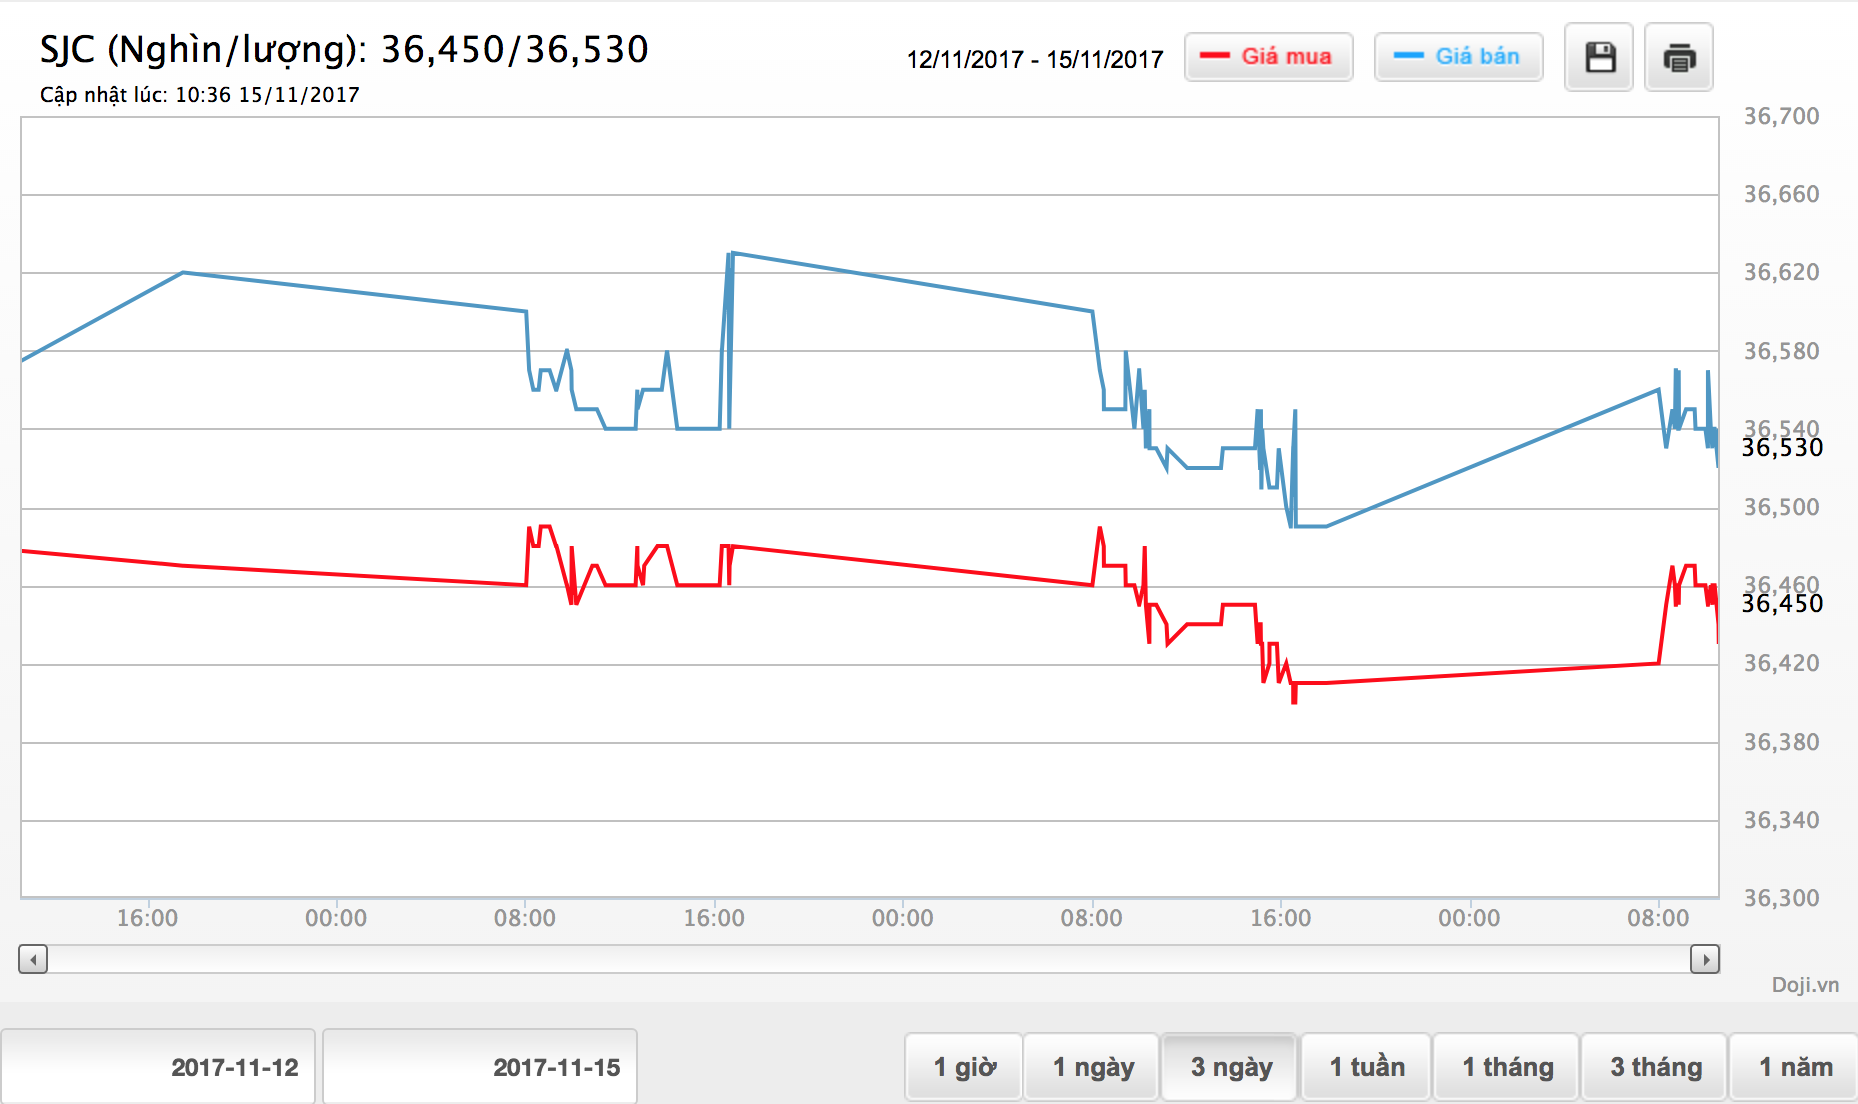 Giá vàng SJC trong nước từ 13.11 đến 15.11